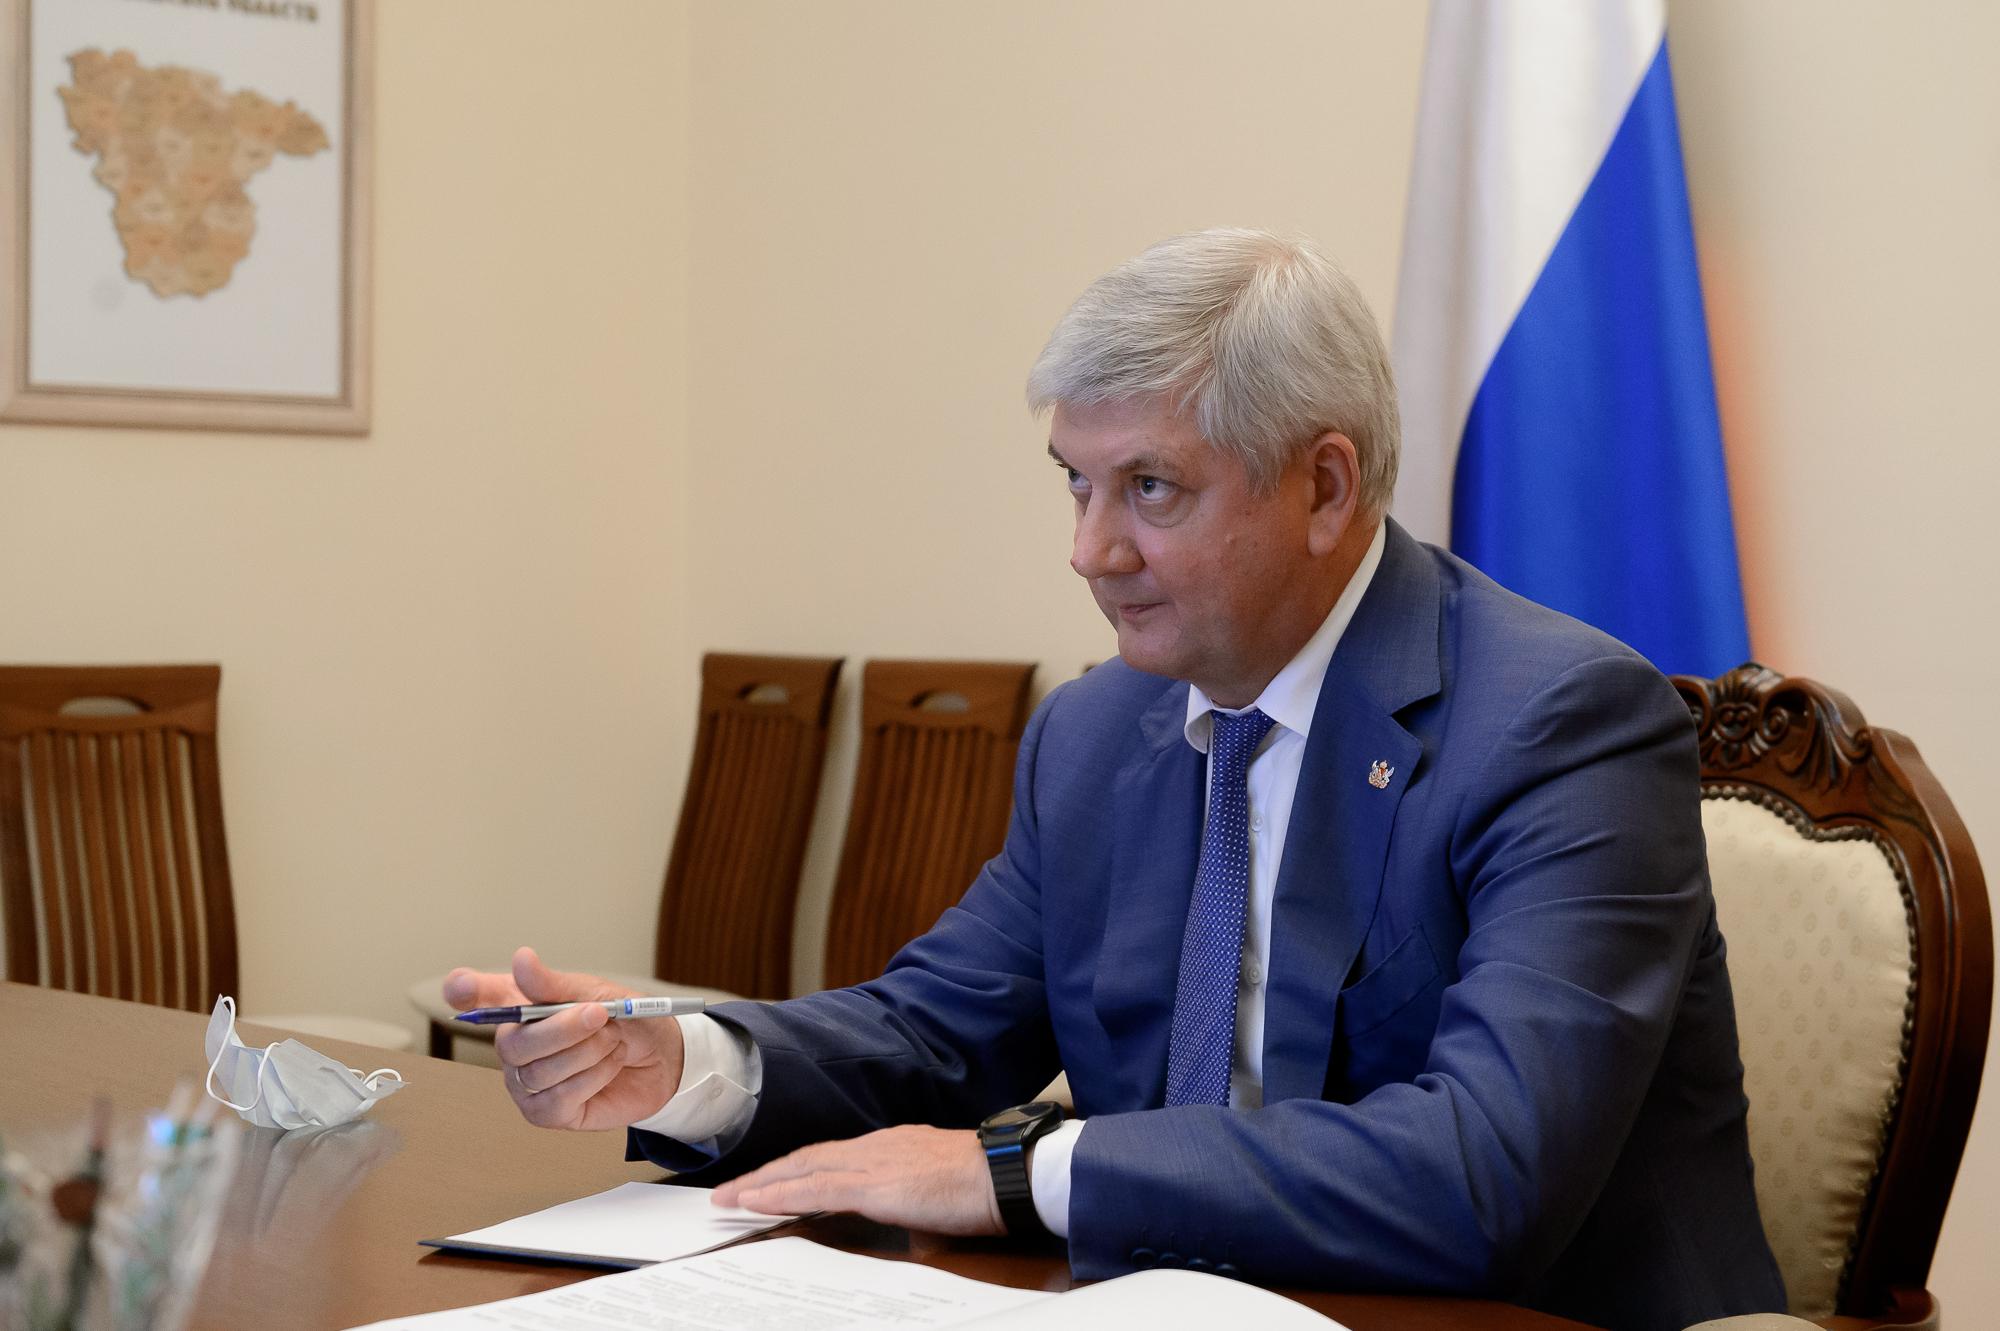 фото - пресс-центр правительства Воронежской области